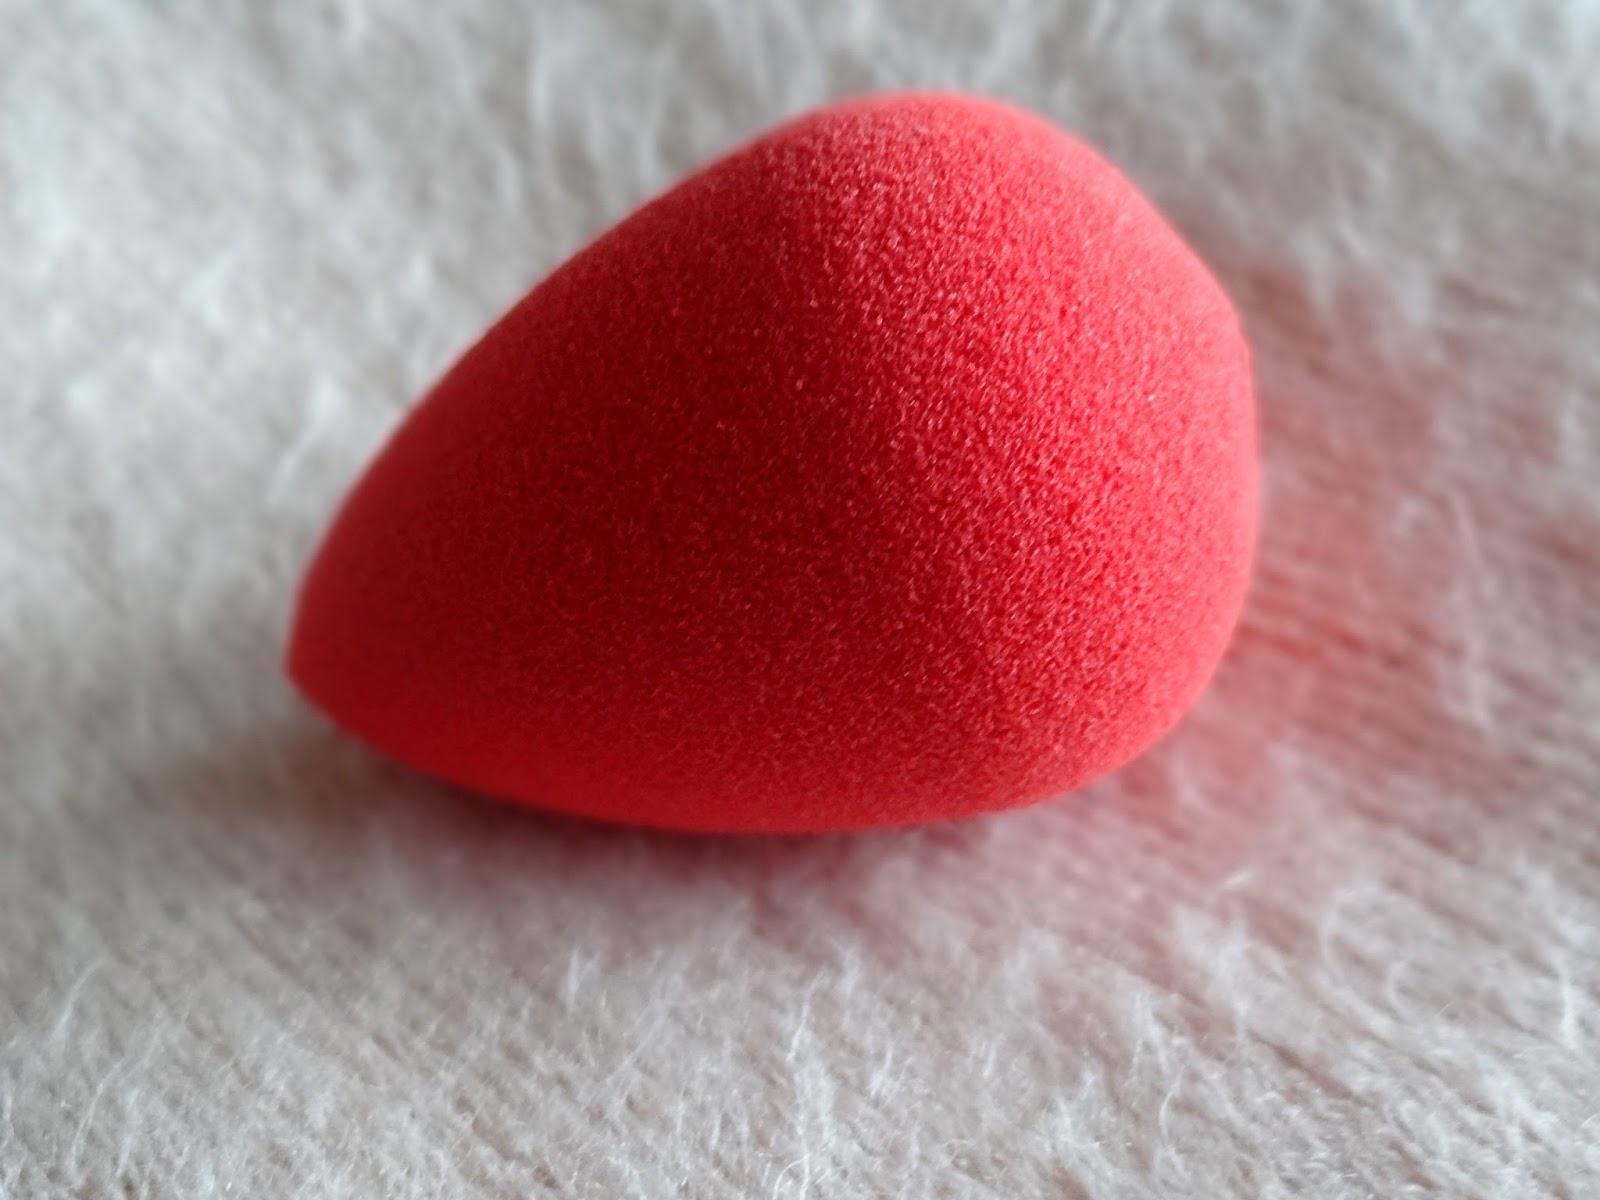 beautyblender red.carpet Makeup Sponge - Limited Edition